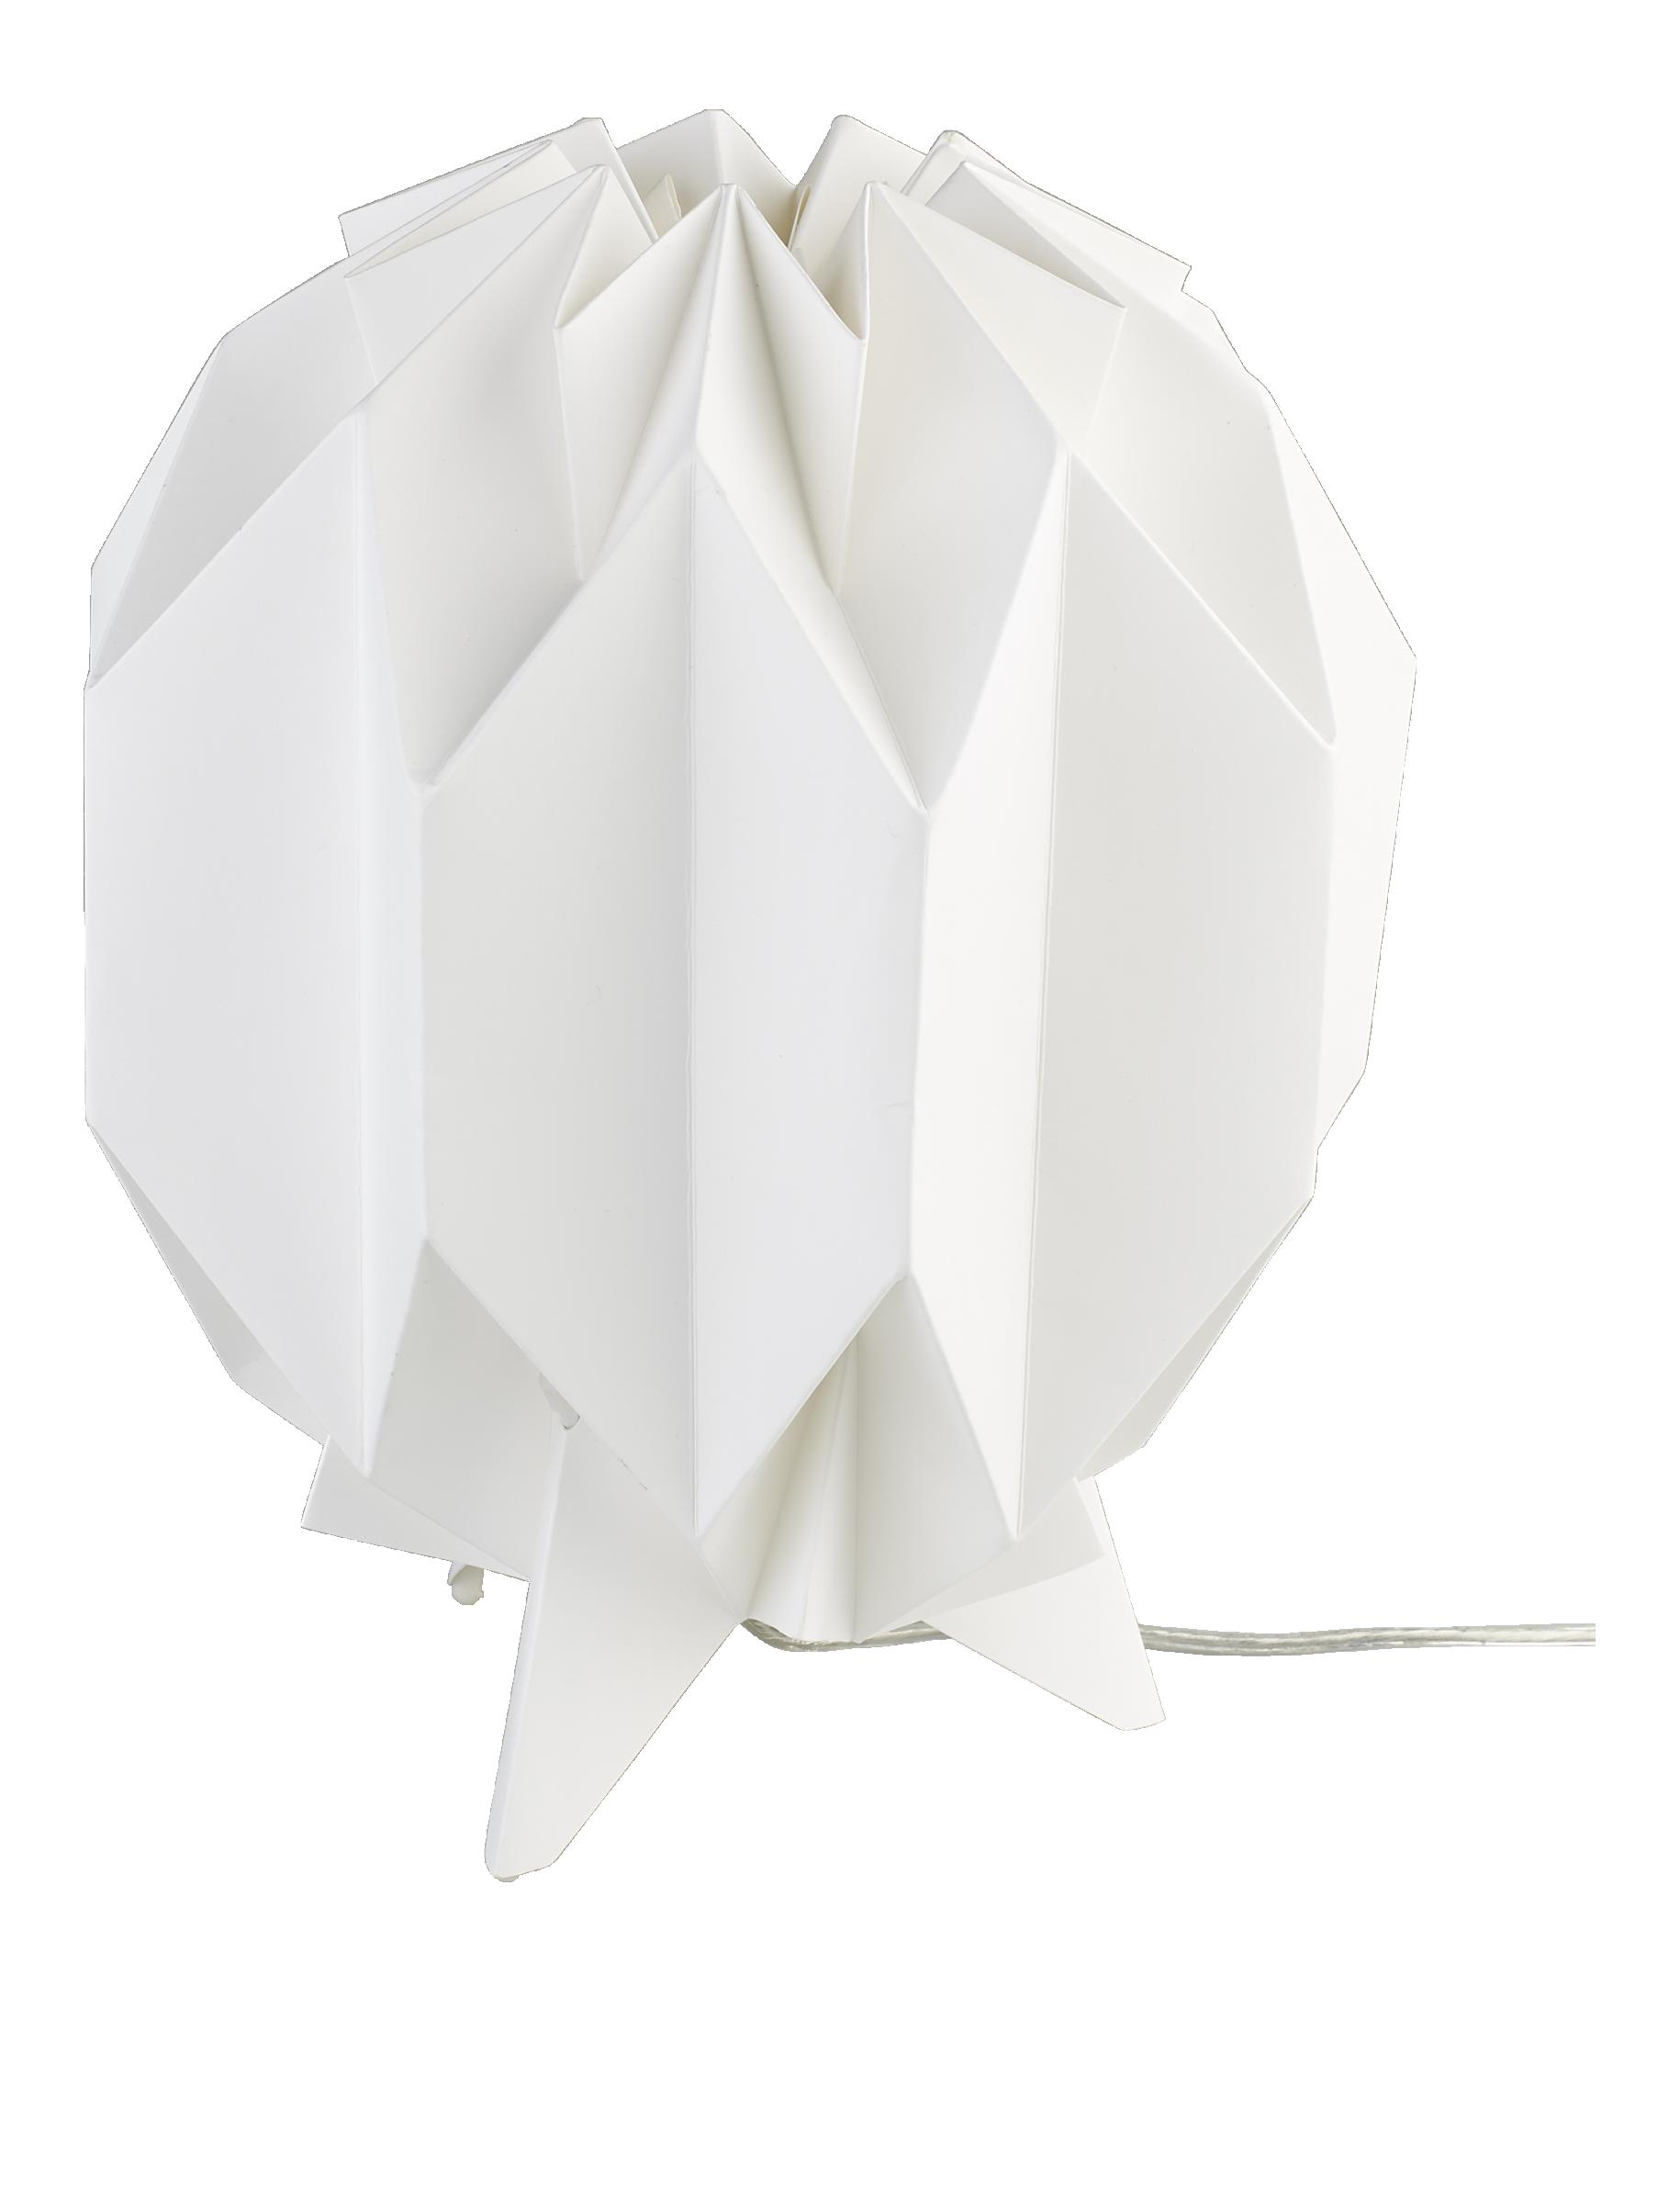 KURA Lampes de table Blanc Bois Papier